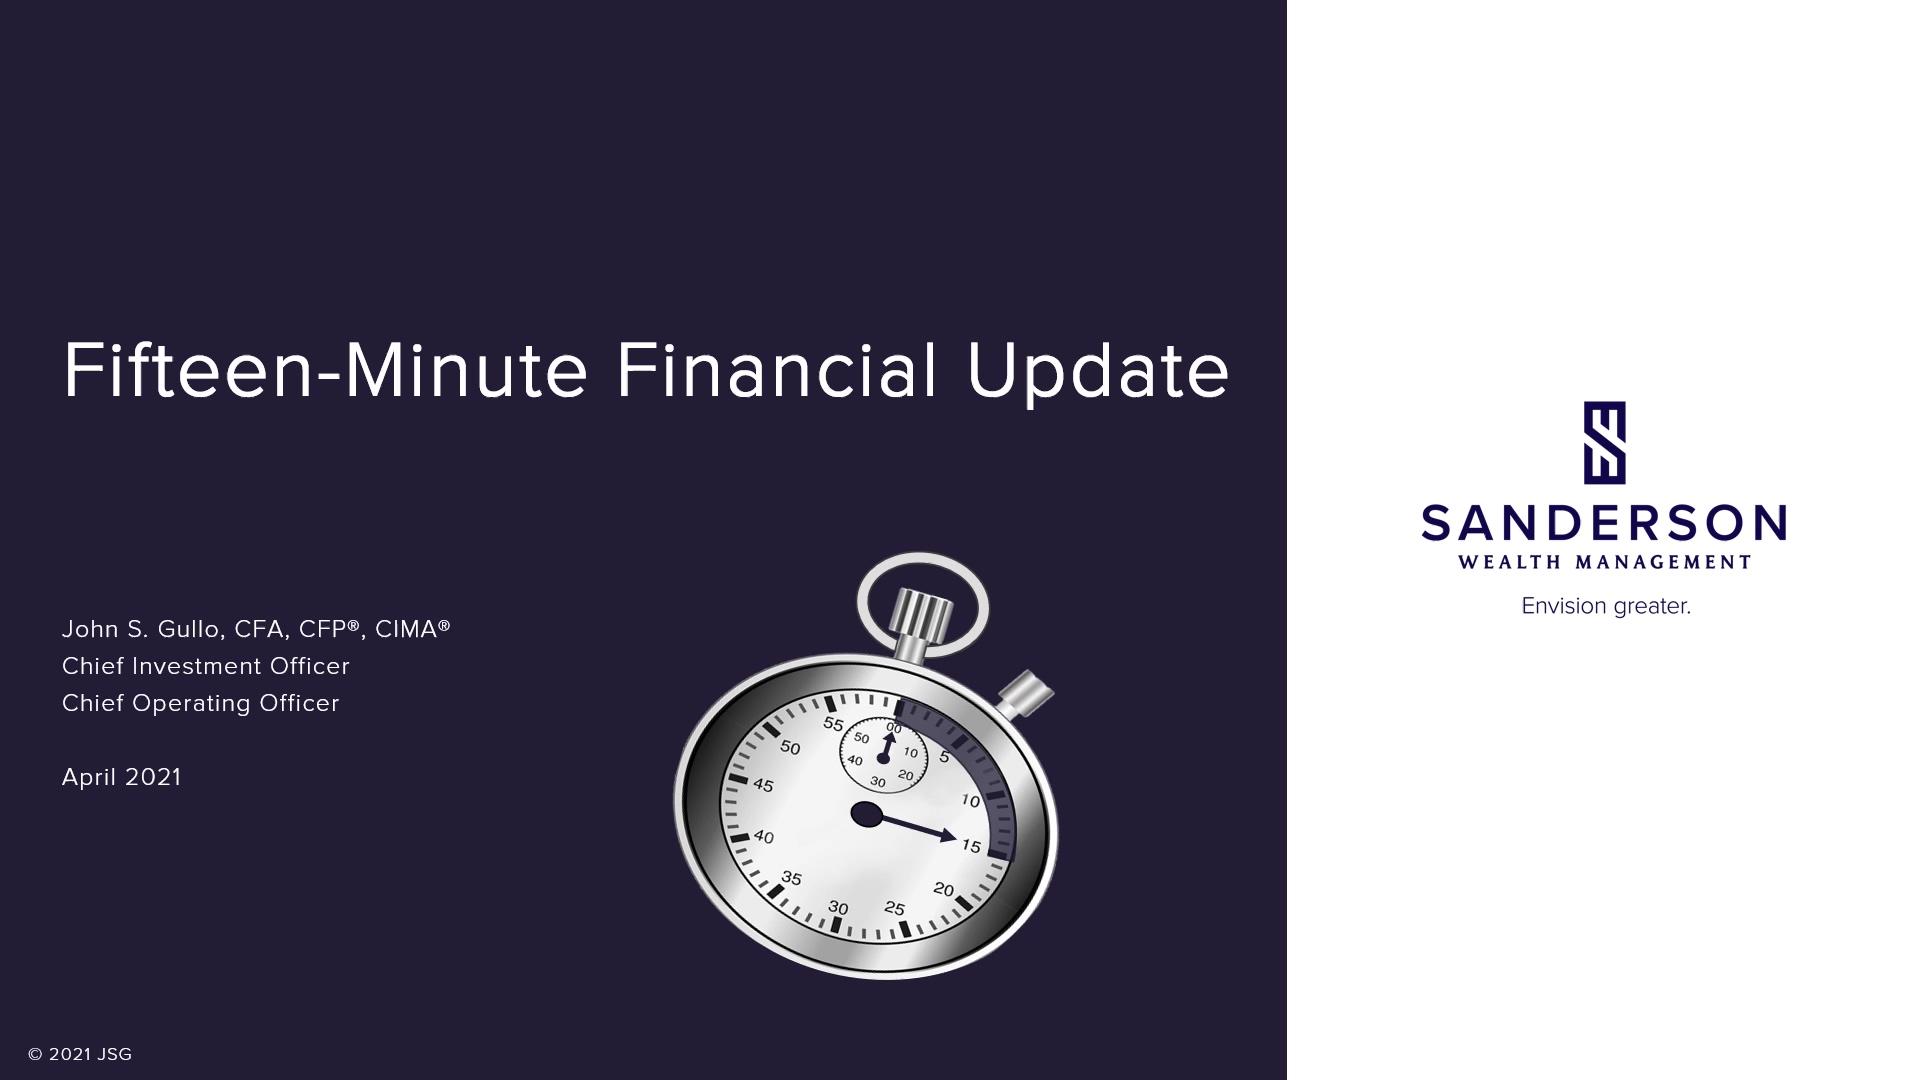 2021-03-31 - Fifteen Minute Financial Update Video